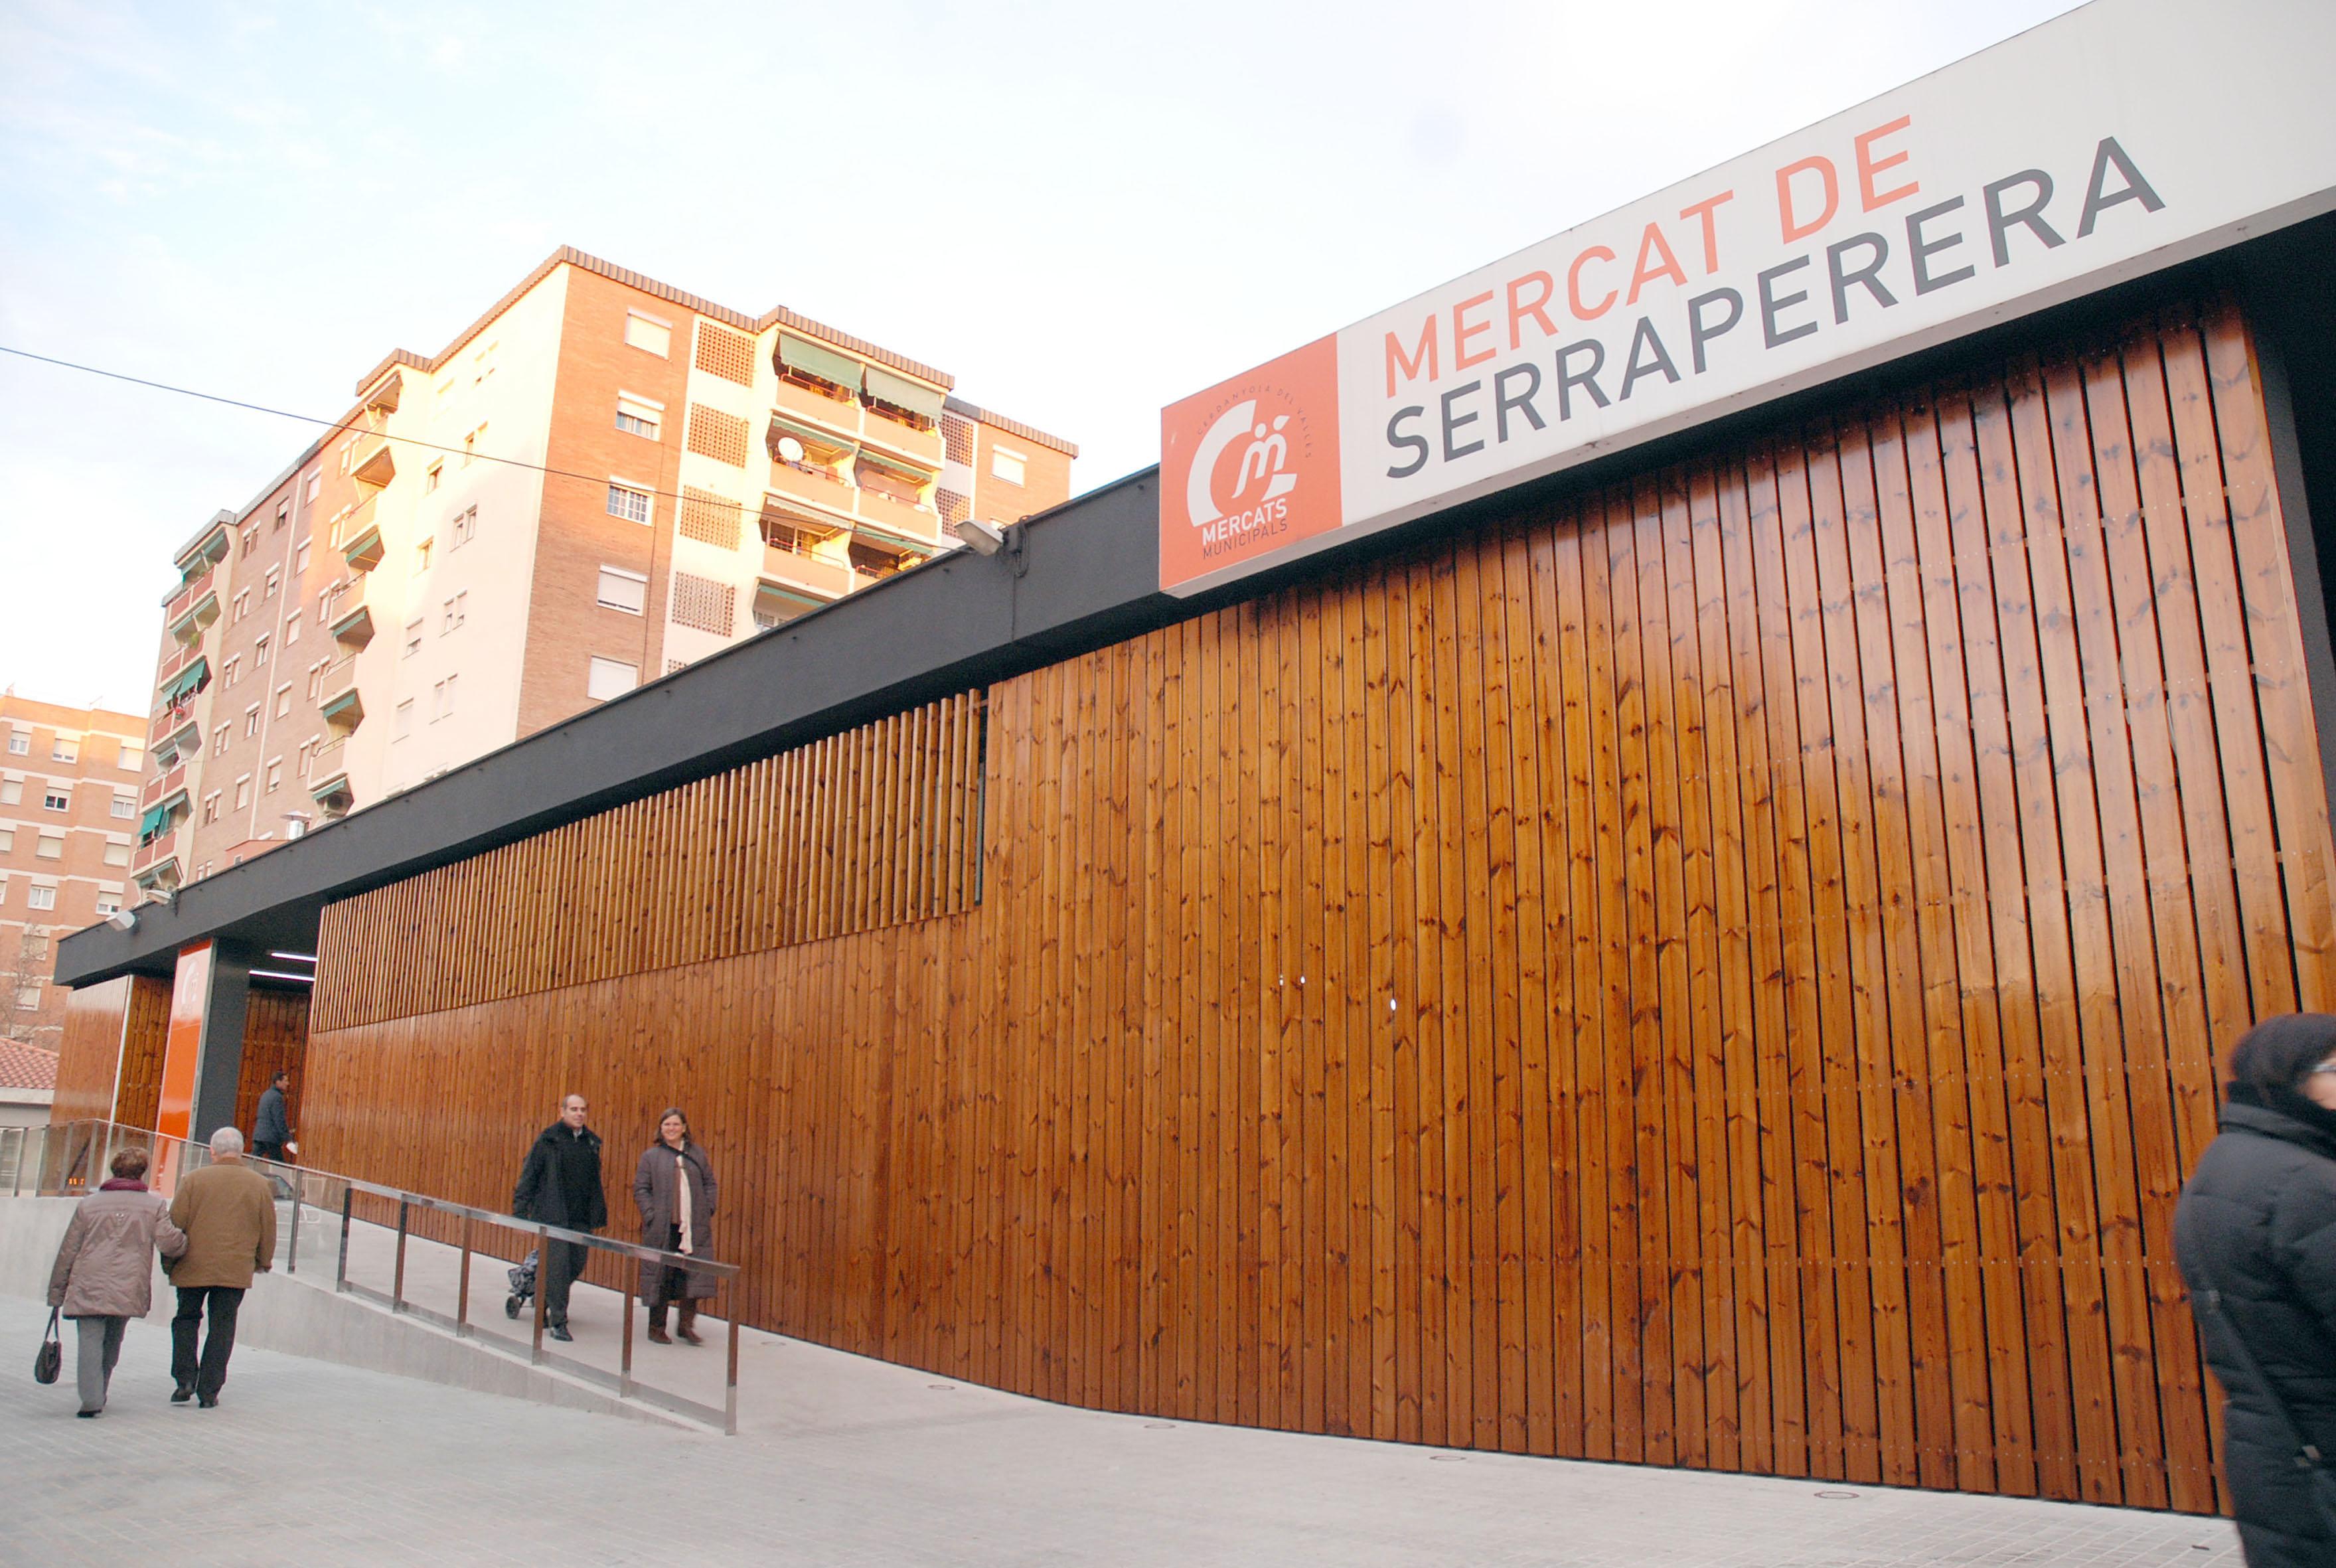 Fotografia del Mercat de Serraperera